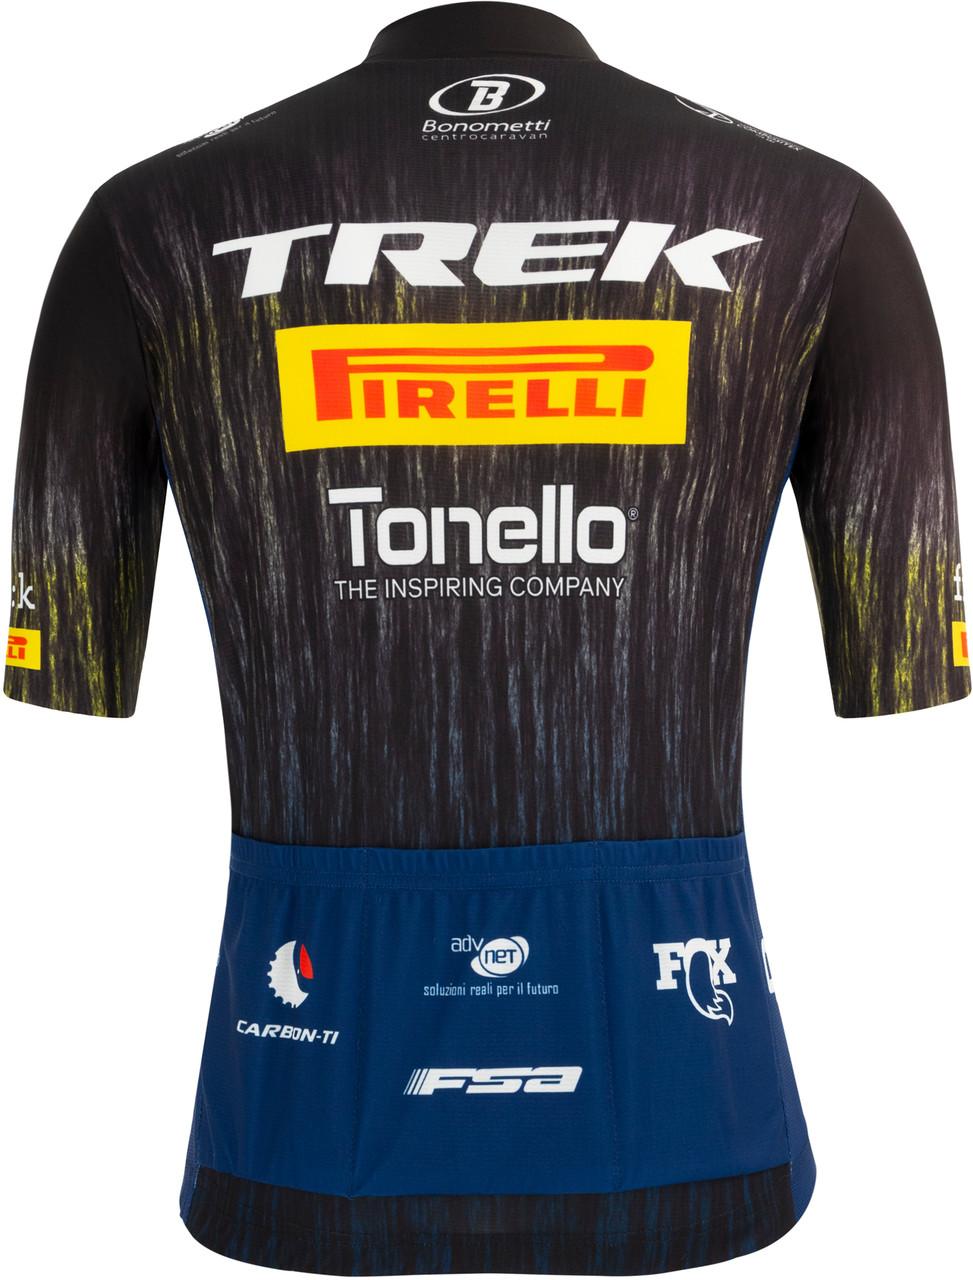 2021 Trek Pirelli Fan Jersey Rear